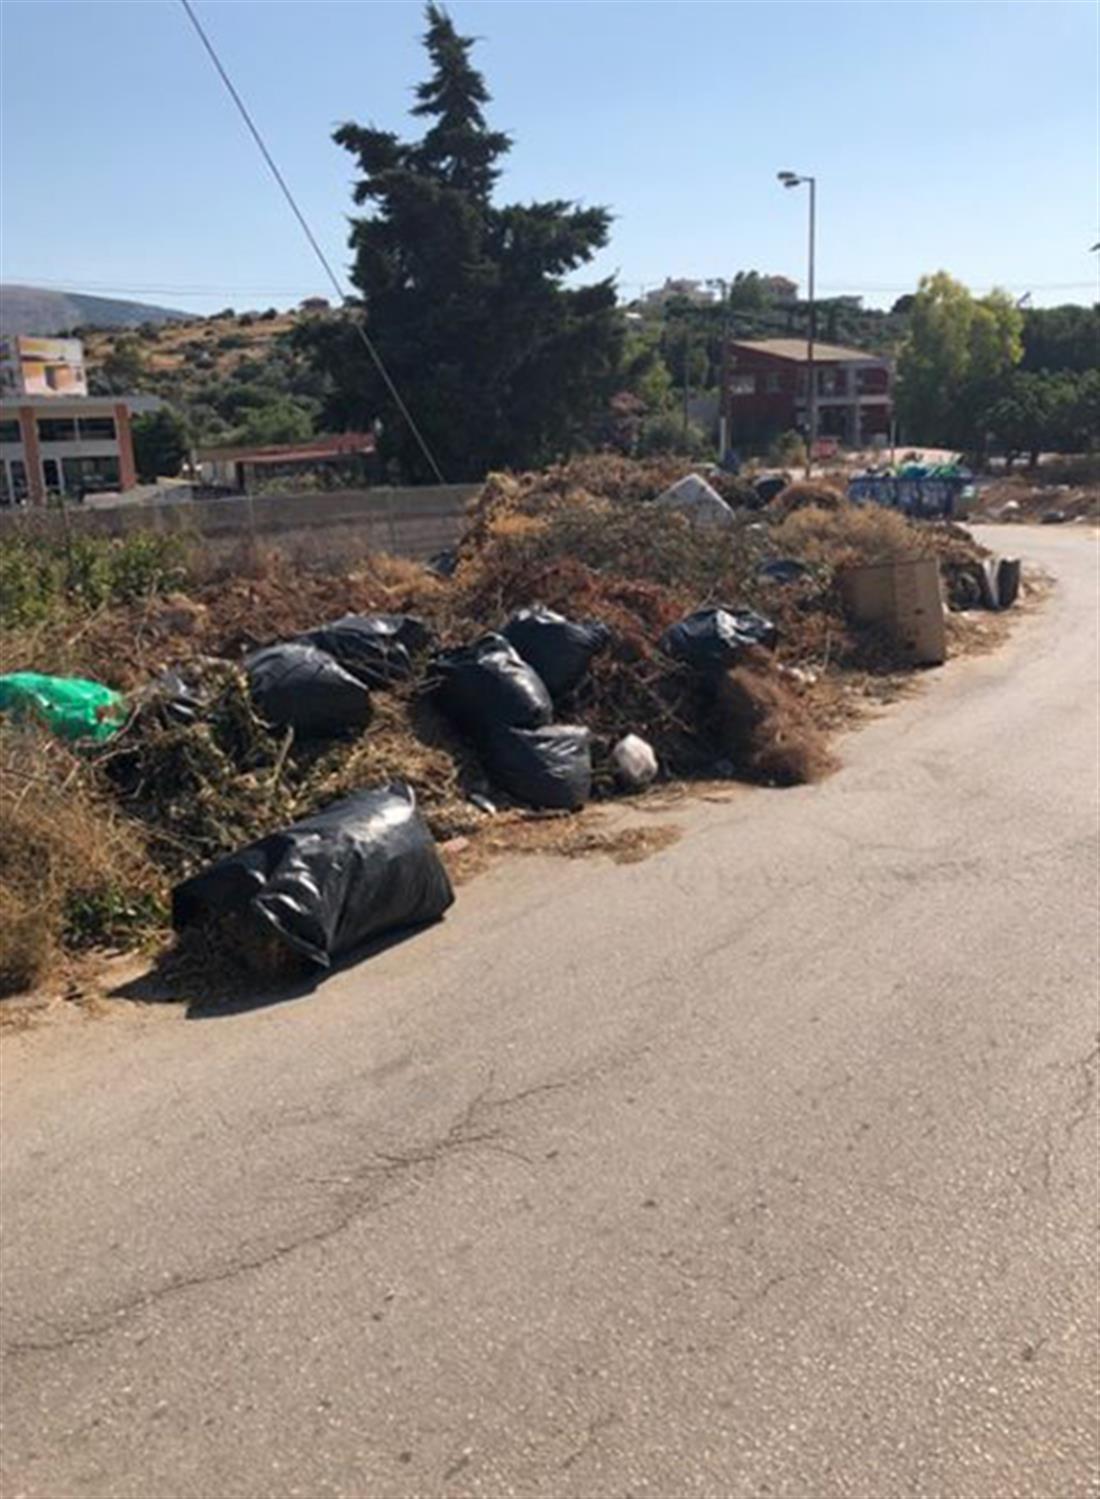 σκουπίδια - χόρτα - λεωφόρος Πόρτο Ράφτη - Αγίου Γεωργίου